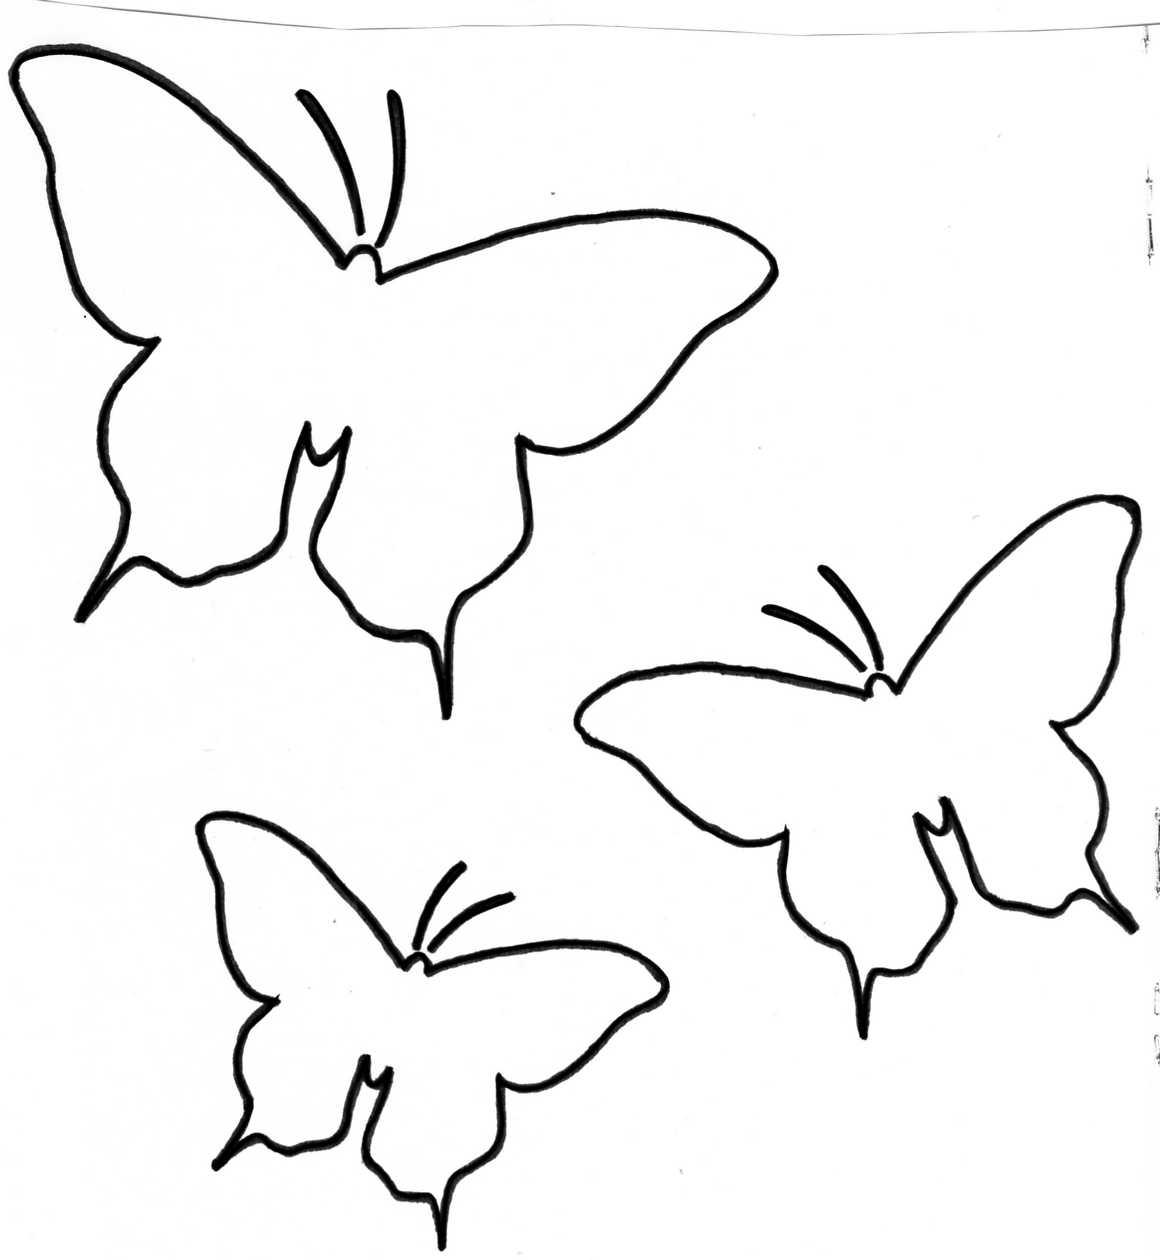 Petits papillons en papier bouts d 39 choux et boutons d 39 roses - Dessin petit papillon ...